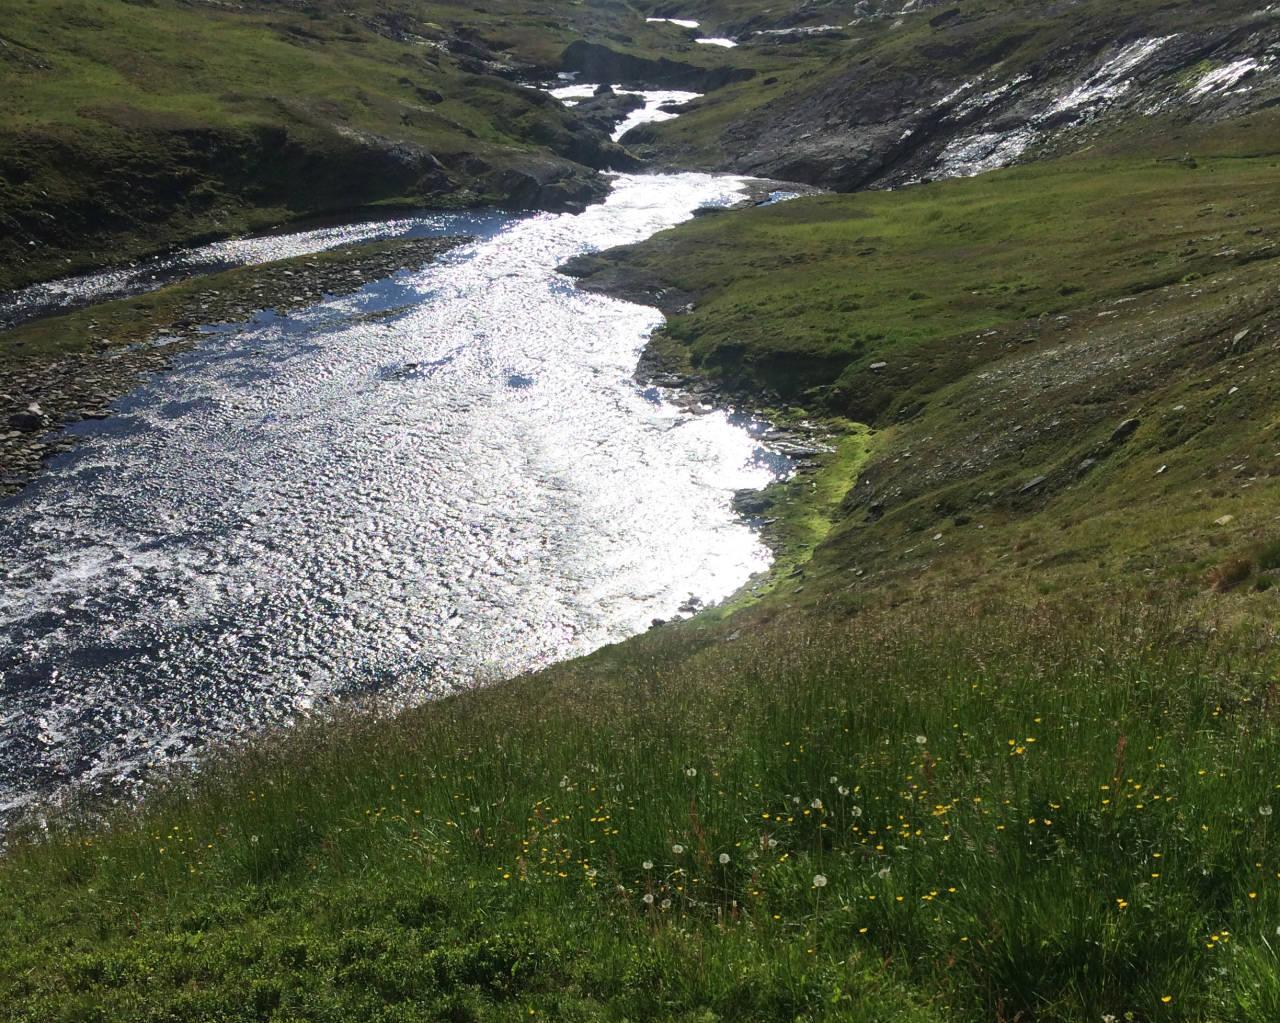 SETT FRA EN BOTANIKERS STÅSTED: Fra feltarbeid i et fantastisk område ved Linnavatn i Nordland, som er sjeldent rikt på mineraler. Det preger også floraen. I forgrunnen av bildet ser vi rik berggrunn med blomstereng, og fattig lynghei til høyre. Linnavatn er et av stedene hvor dramatisk geologi gir dramatisk vegetasjon, skriver Hanna Hagen Bjørgaas